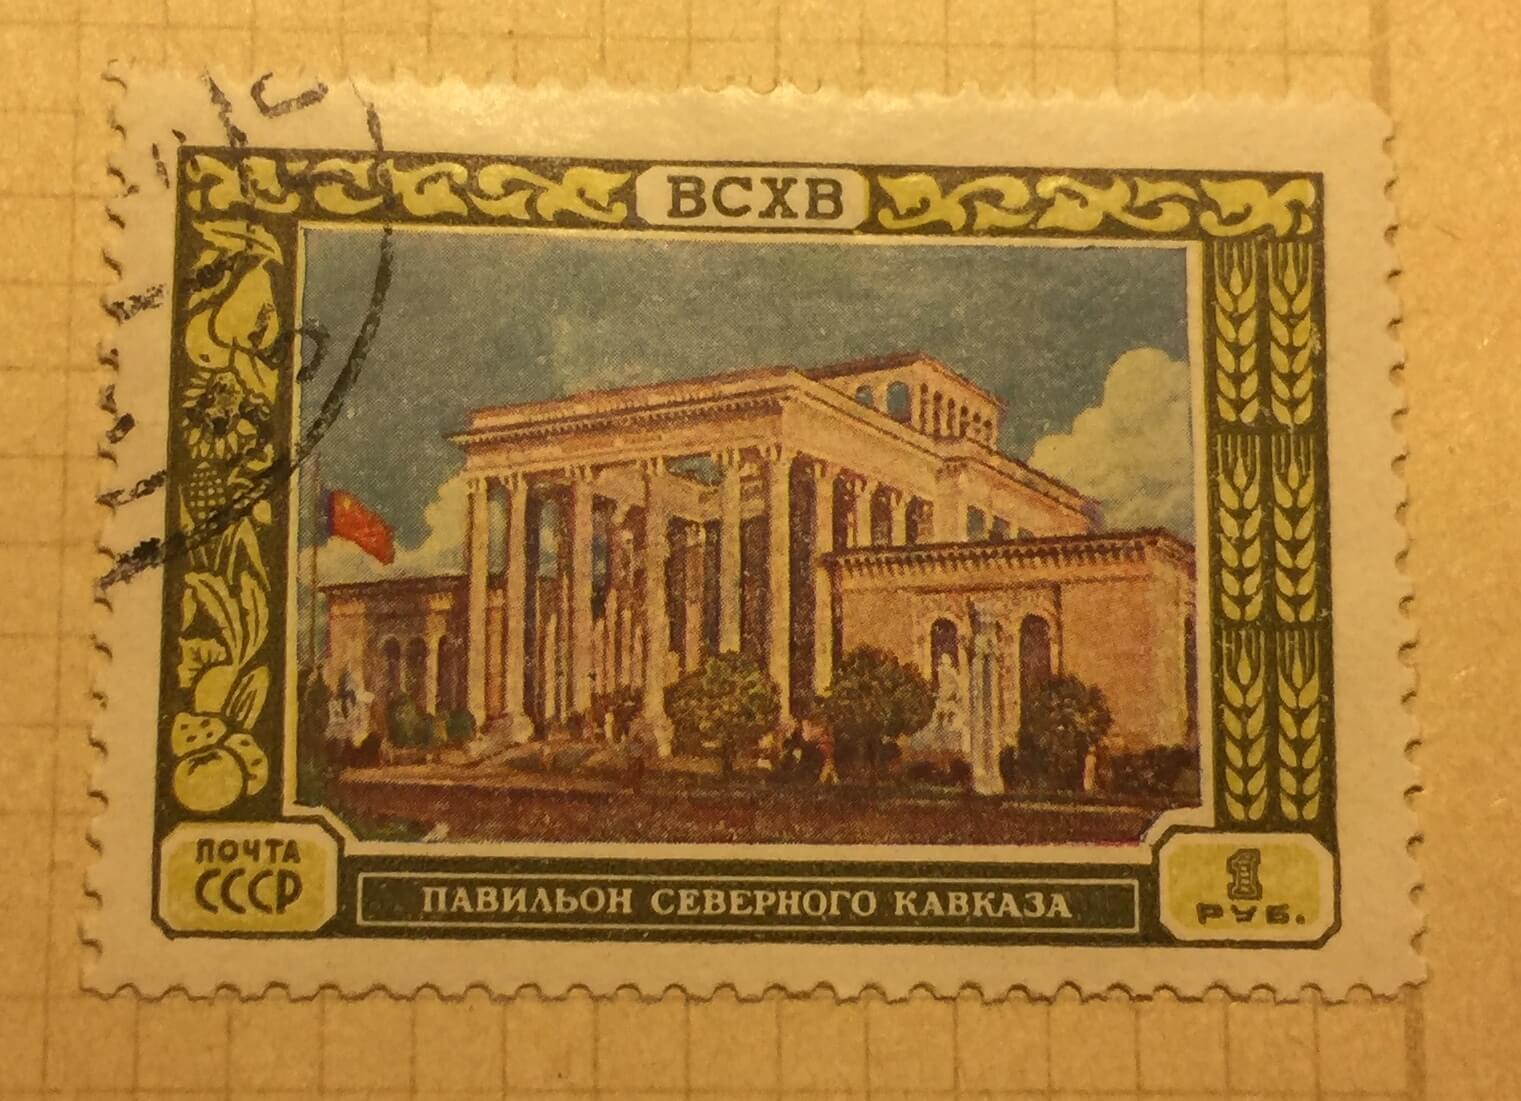 Купить почтовую марку СССР Павильон Северный Кавказ 7b2490af7deb5